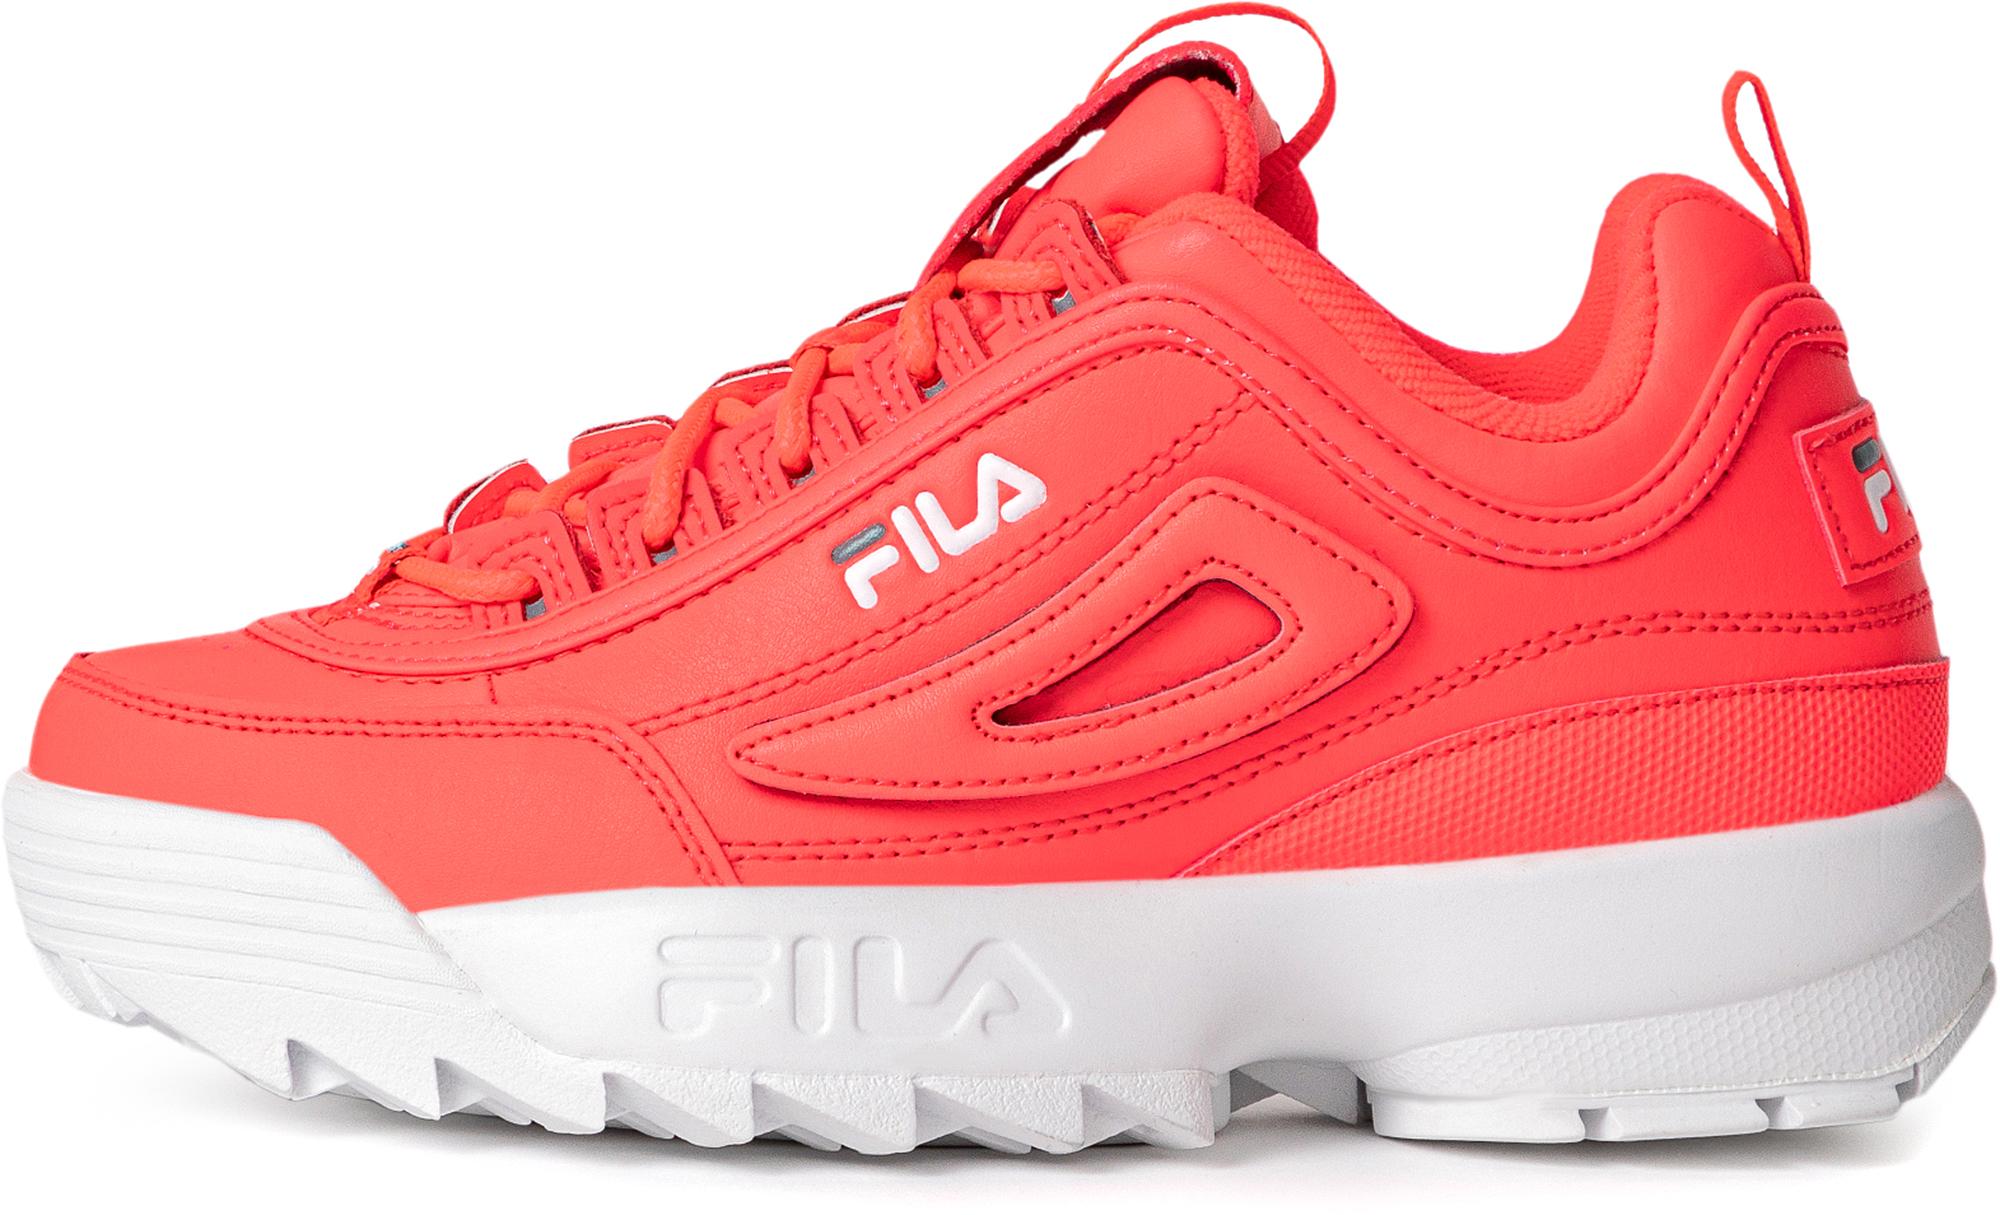 Fila Кроссовки для девочек Fila Disruptor Ii Logo Reveal, размер 34